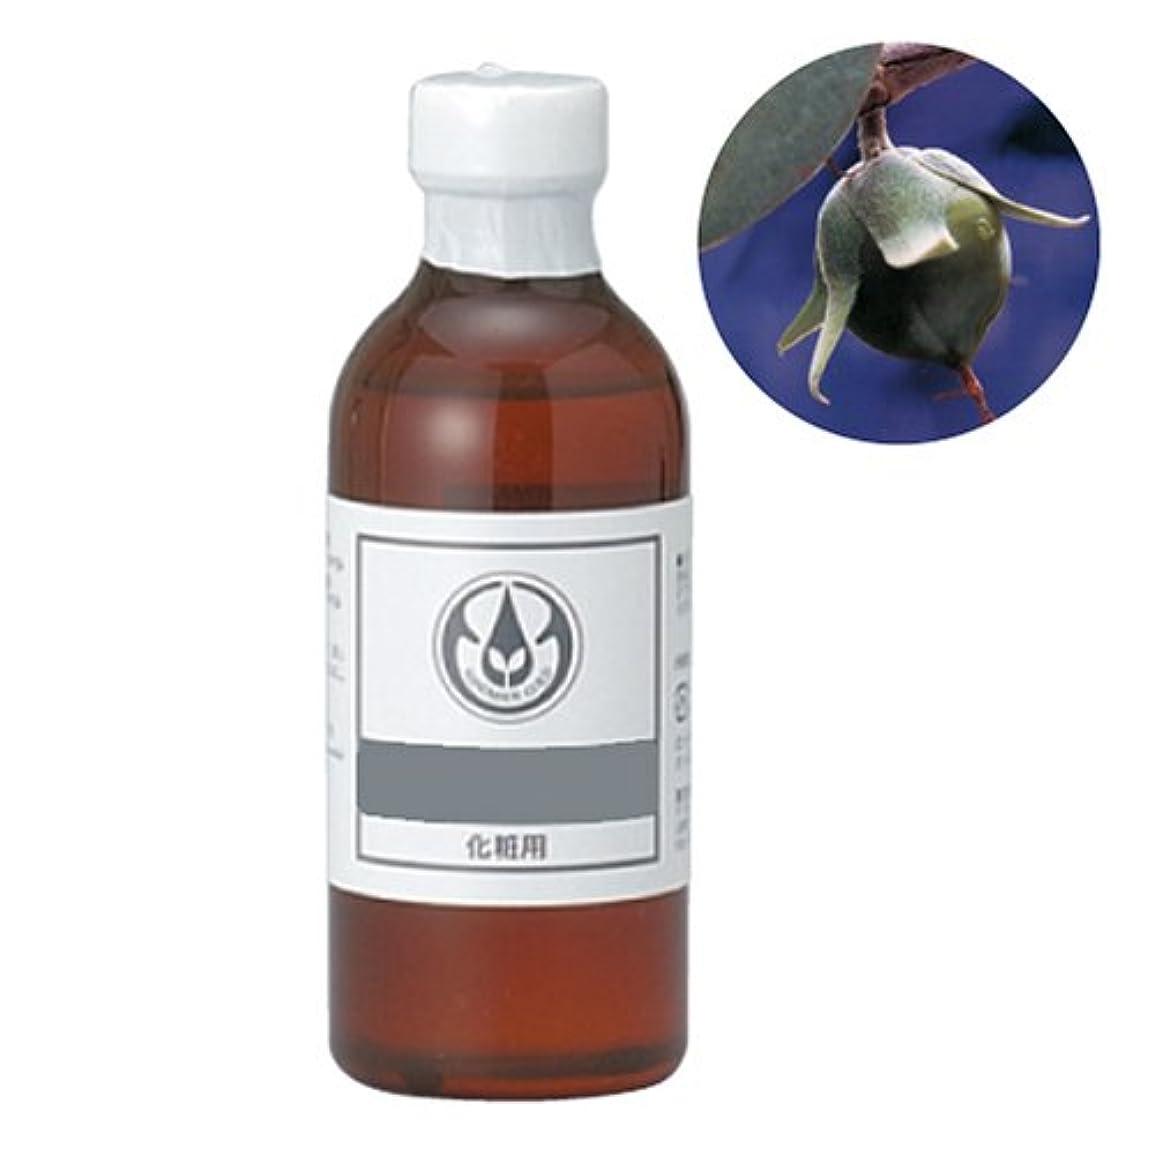 ハック無一文猟犬生活の木 ホホバ油 (クリア) 250ml